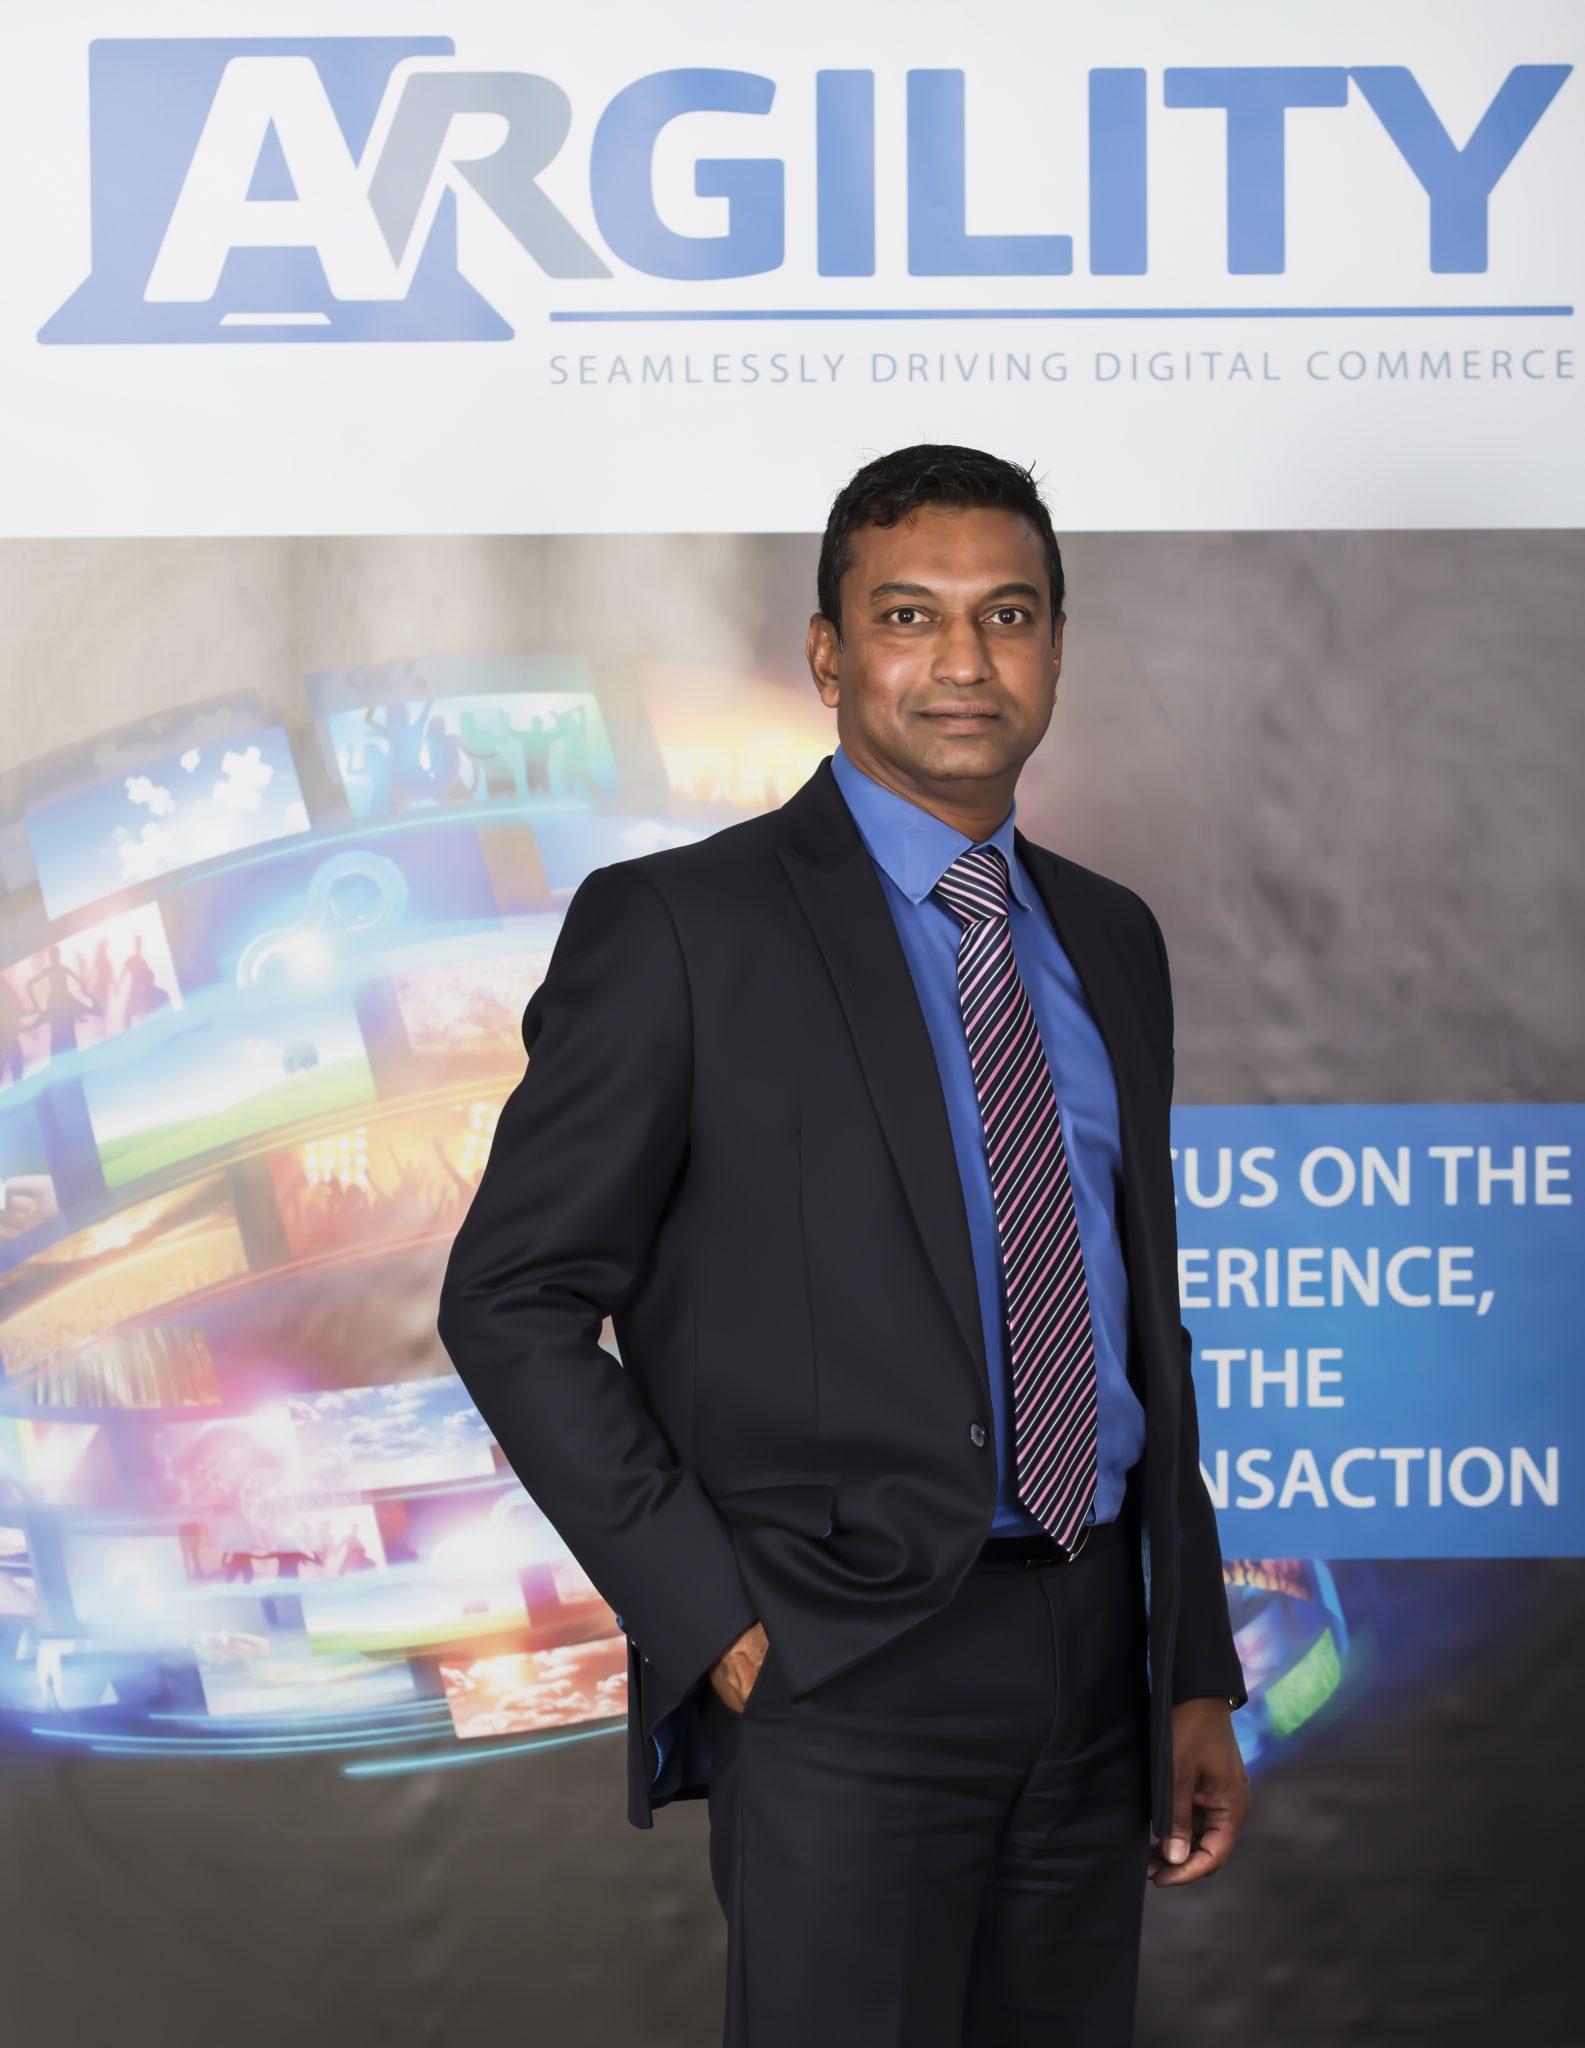 Jai Kalyan. Divisional Executive, Joosubs